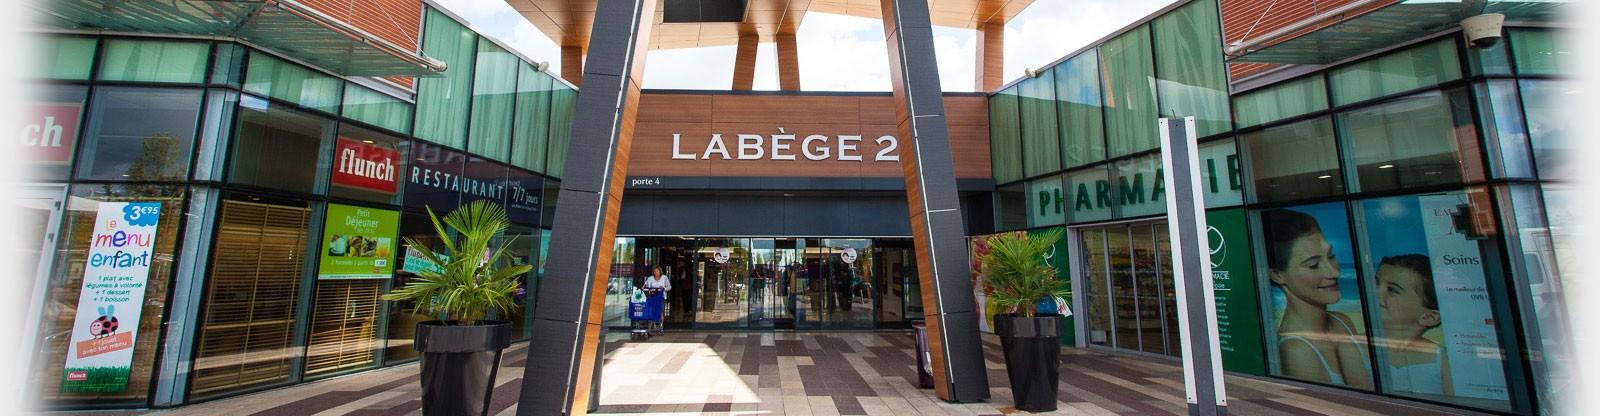 labege-2-slide1